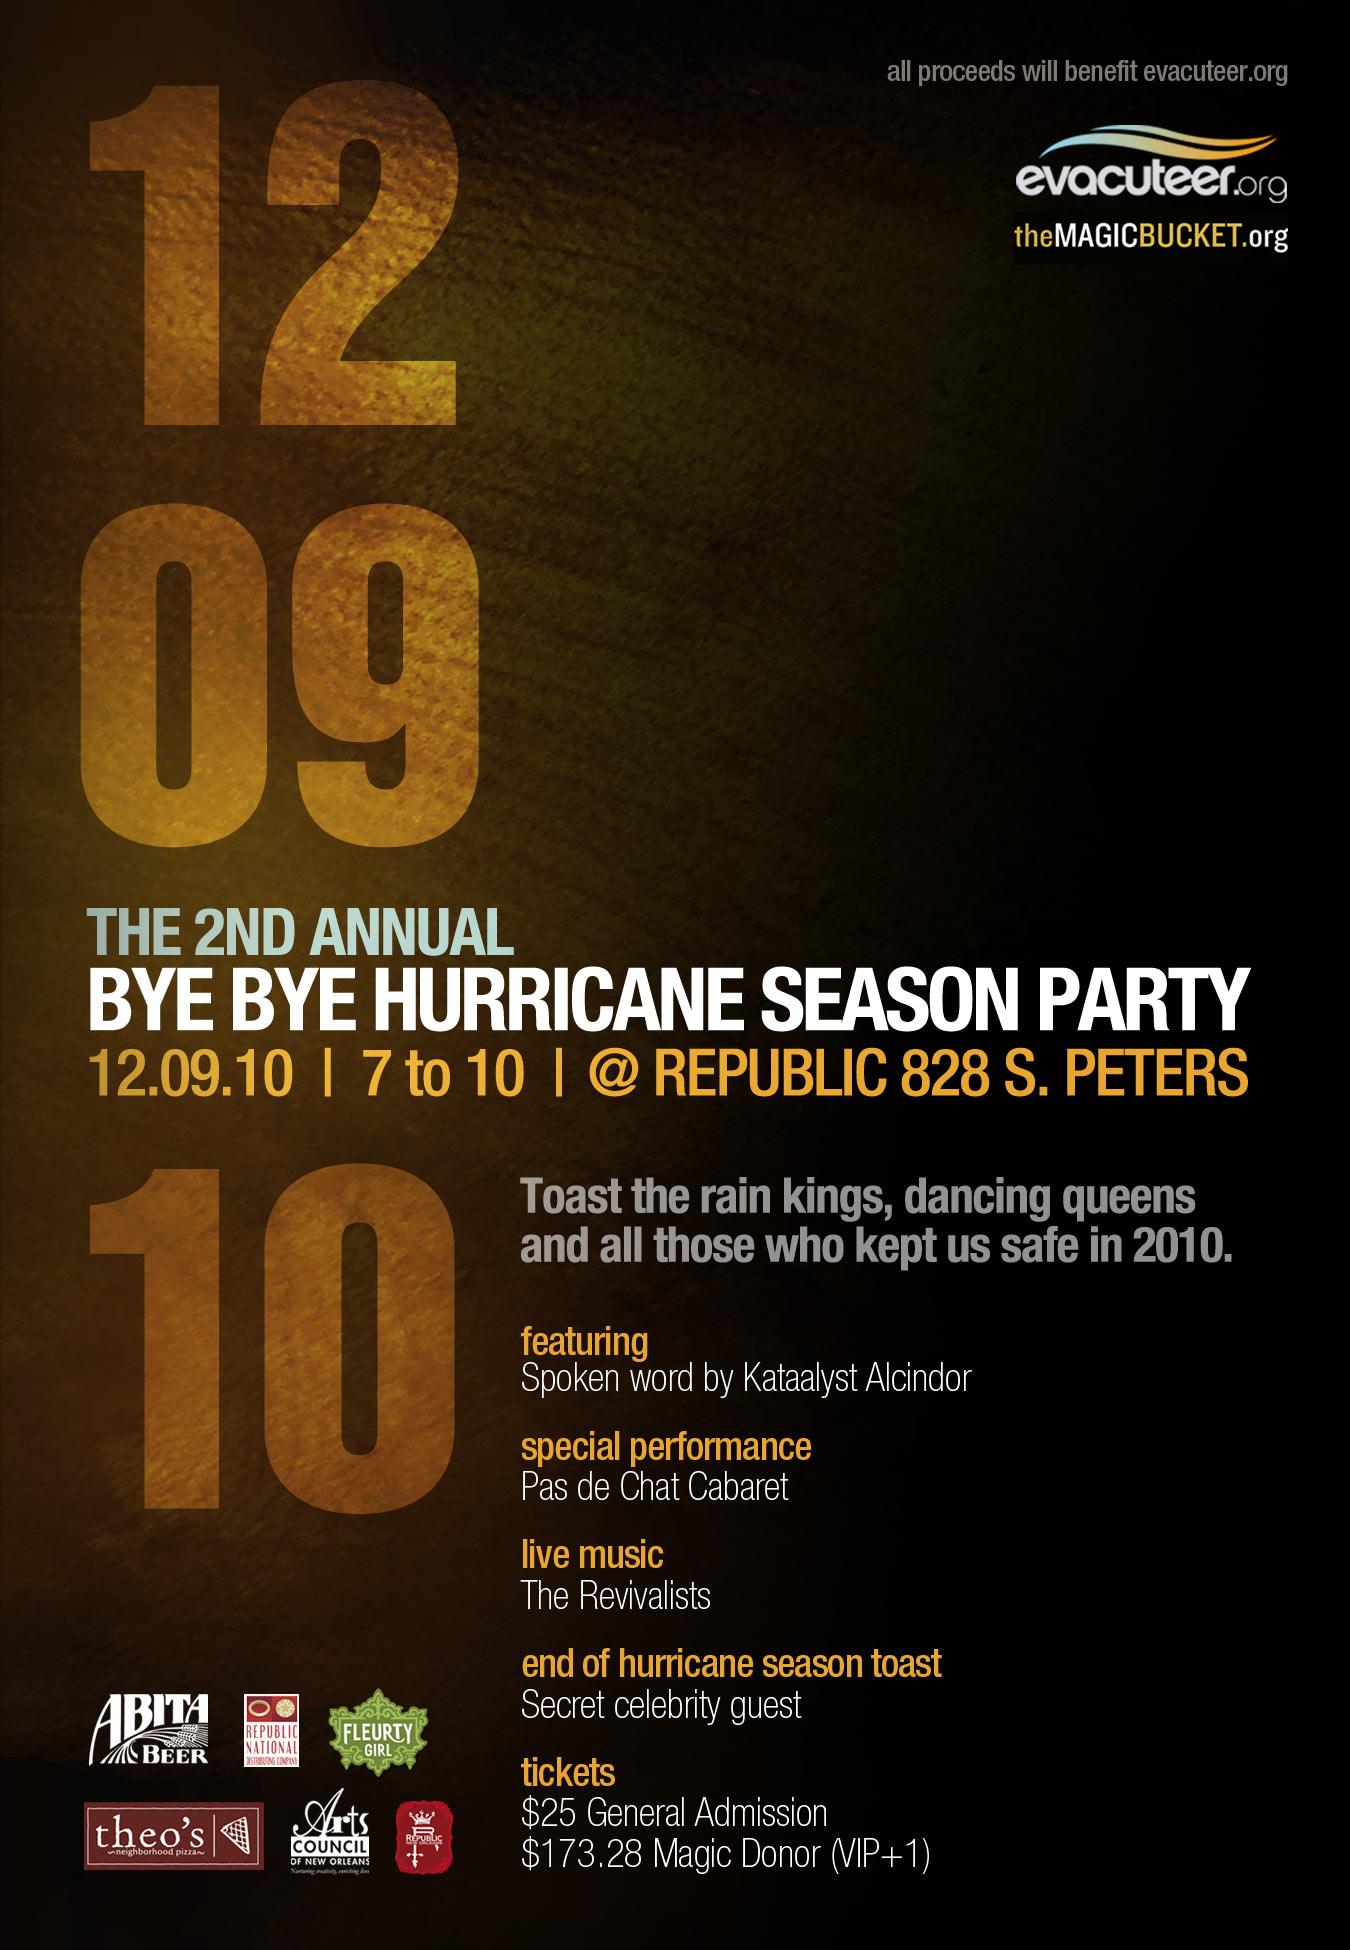 12/9/2010 Bye Bye Hurricane Season Party